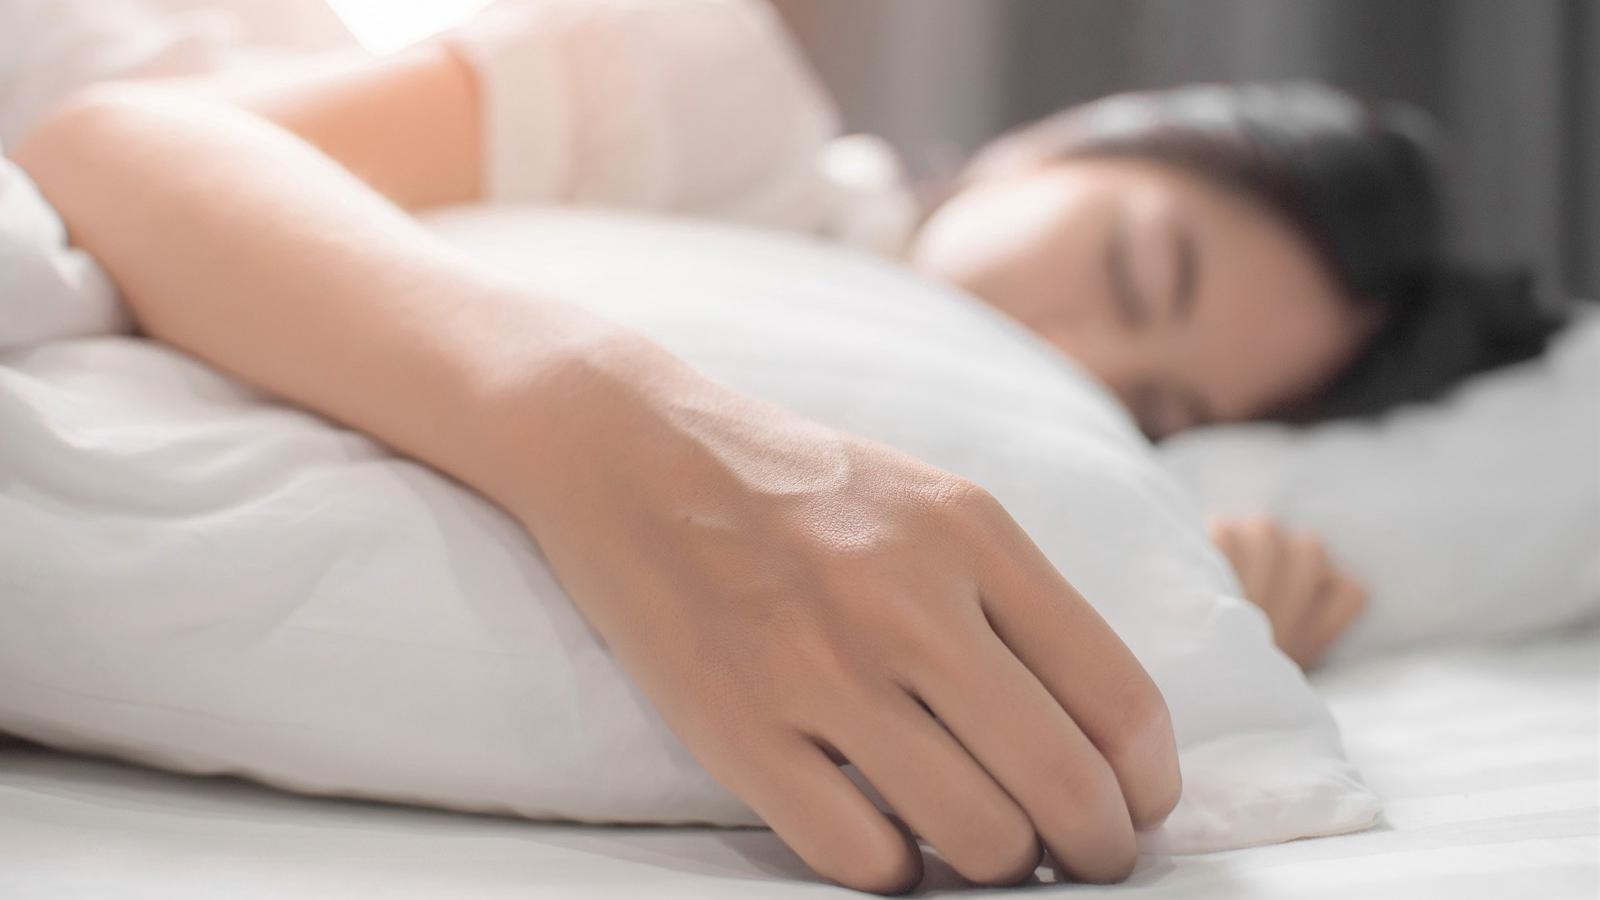 kevesebb alvás okozhat fogyást